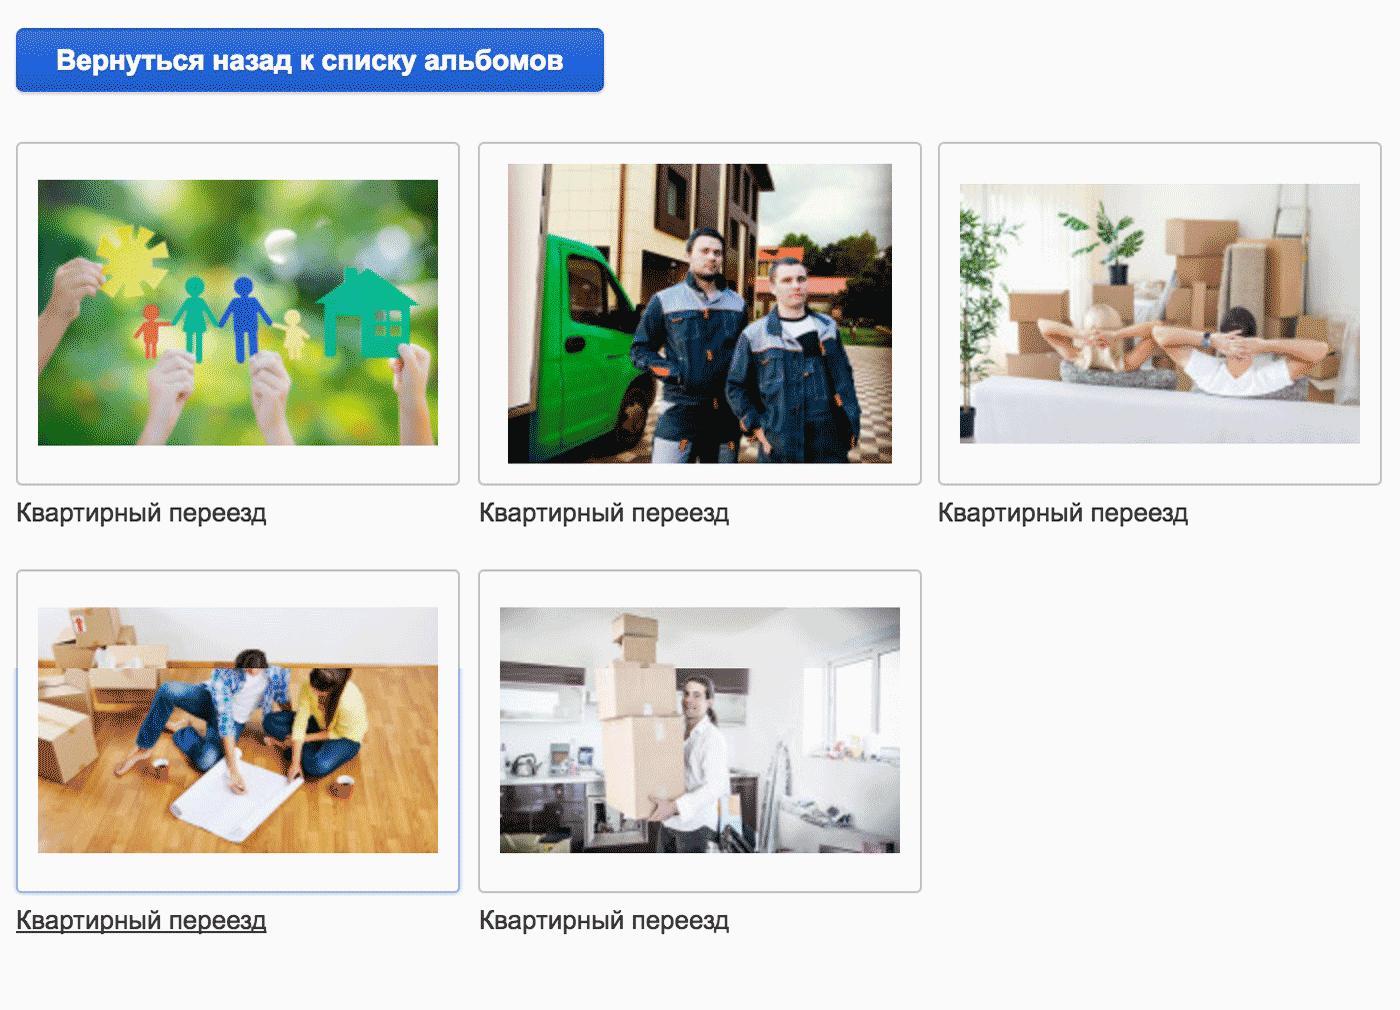 У этого перевозчика фотографии квартирного переезда представлены только стоковыми картинками